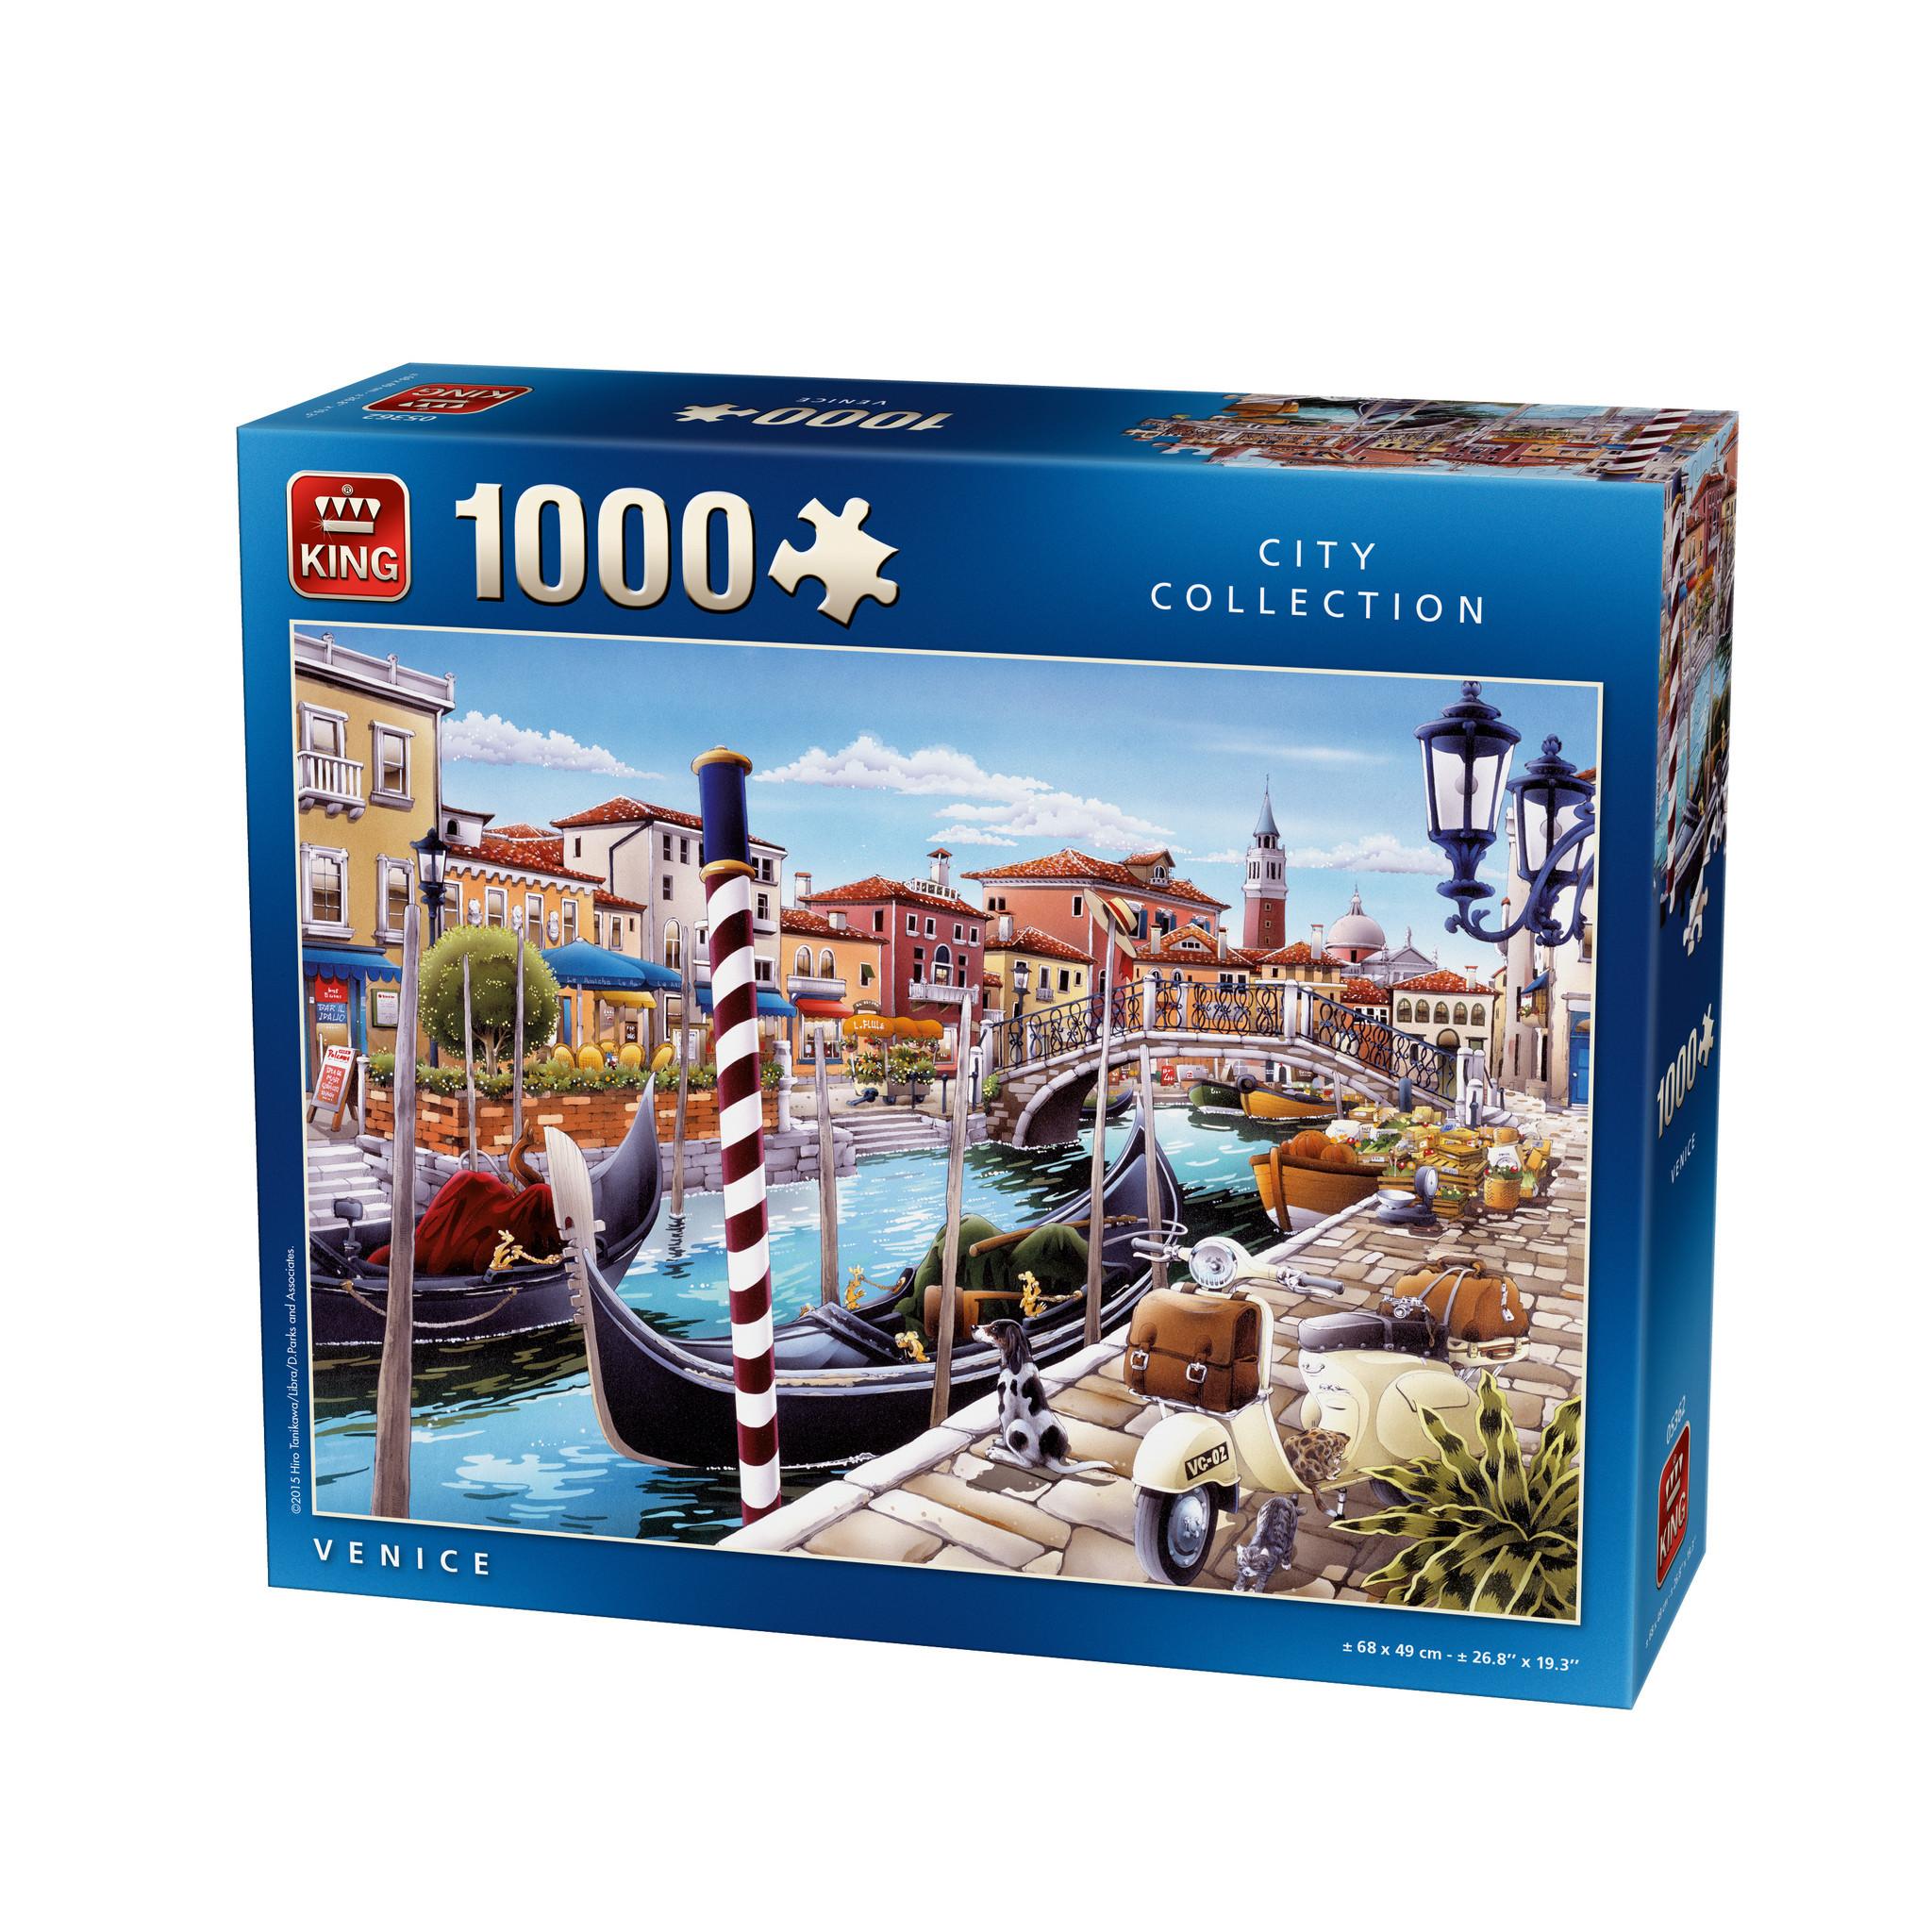 puzzle venice kingpuzzle05362 1000 pieces jigsaw puzzles